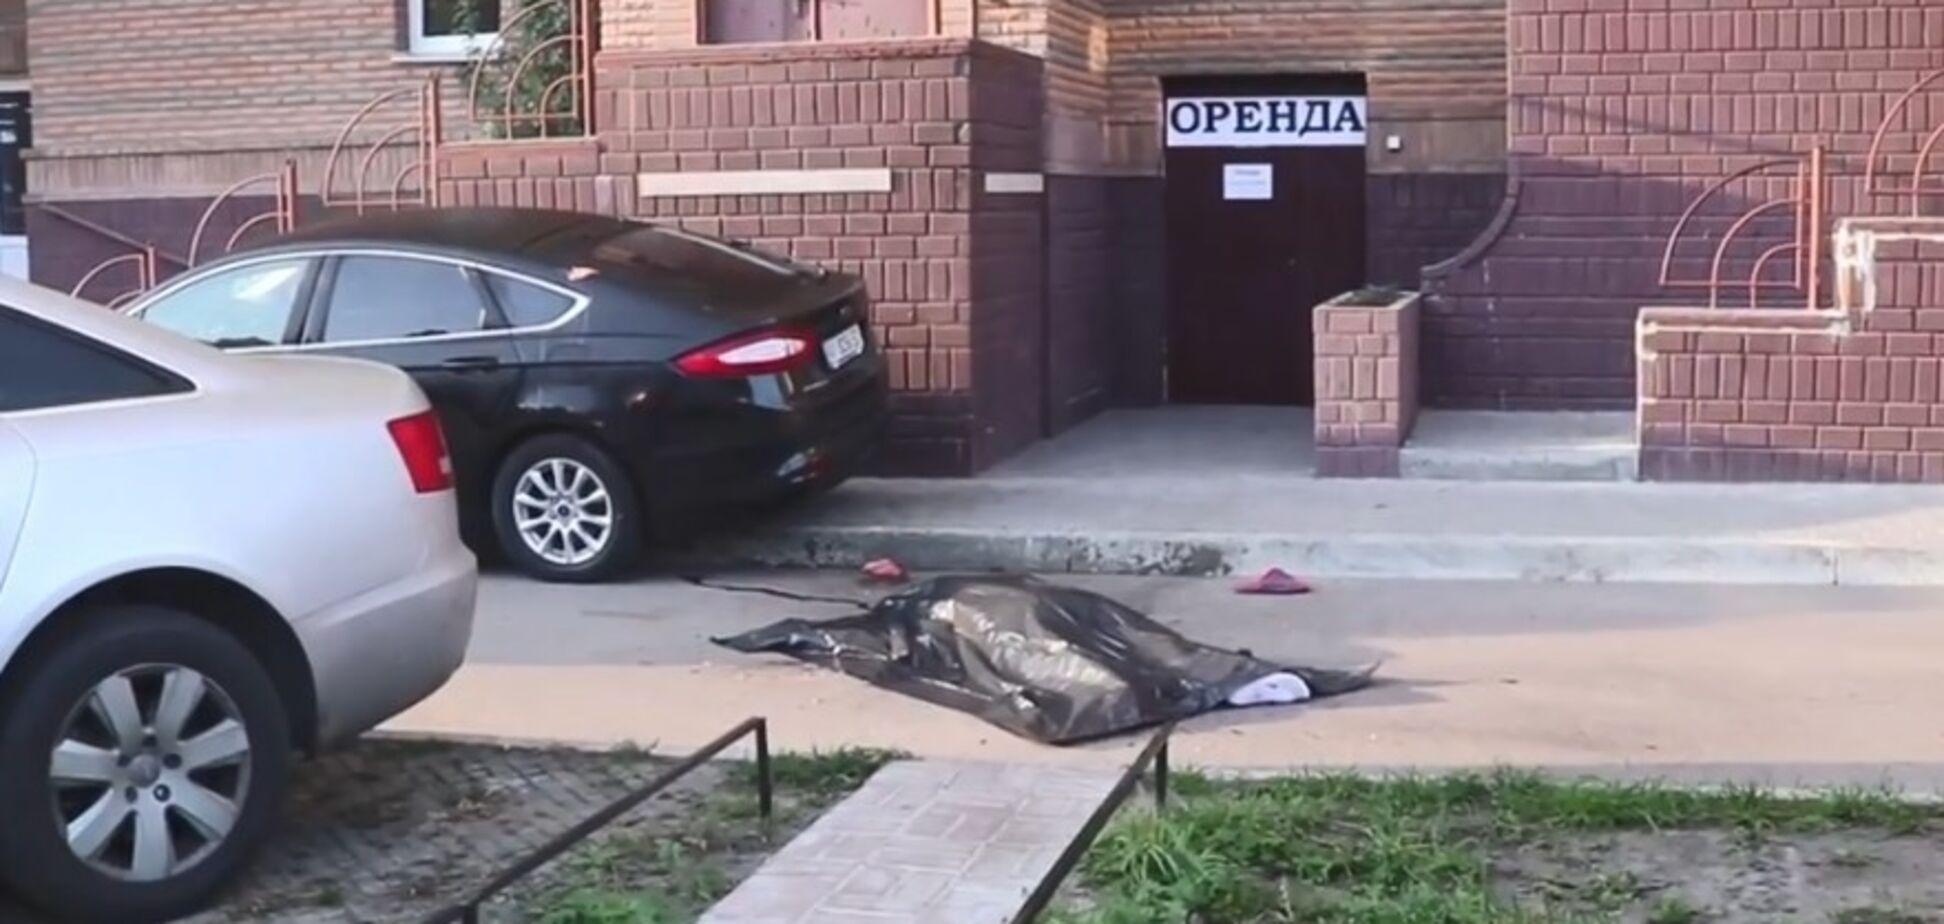 Залишив телефон і пляшку віскі: у Києві хлопець вистрибнув із багатоповерхівки